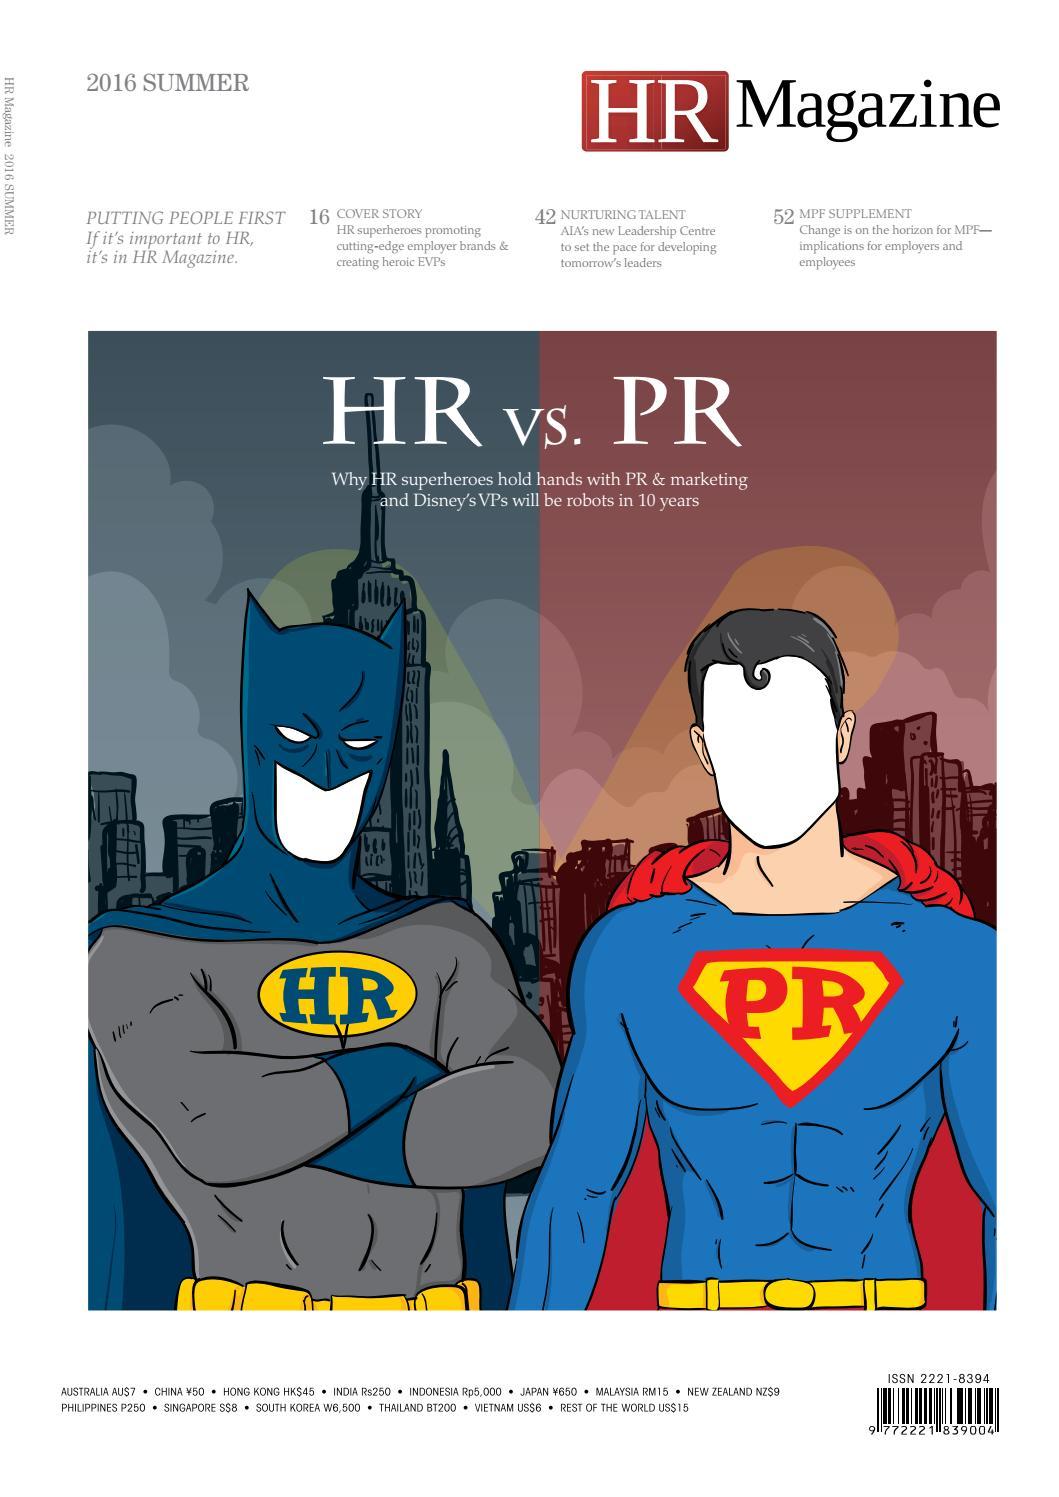 HR Magazine Summer 2016 by HR Magazine issuu